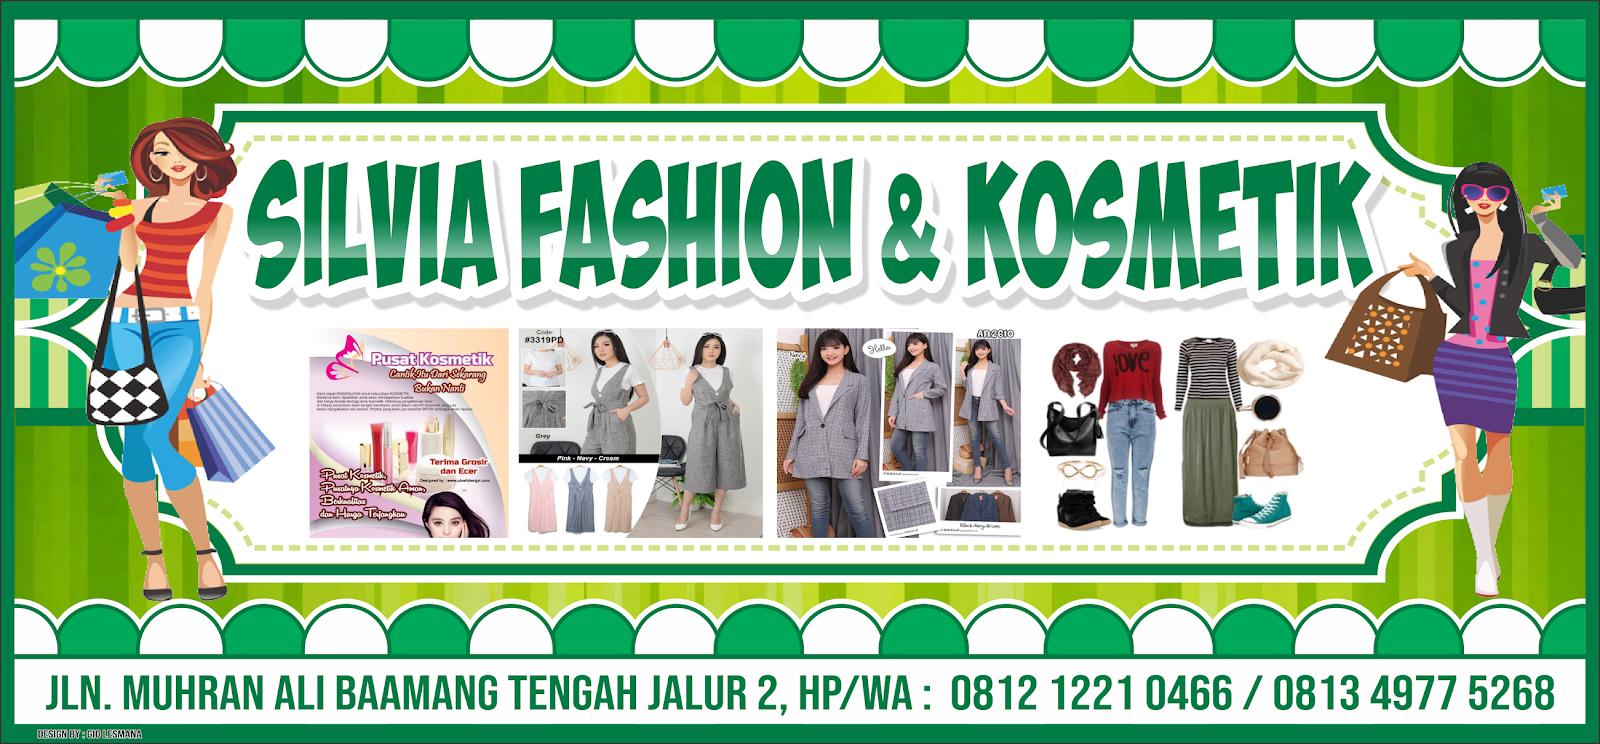 Contoh Spanduk Toko Baju - desain spanduk keren